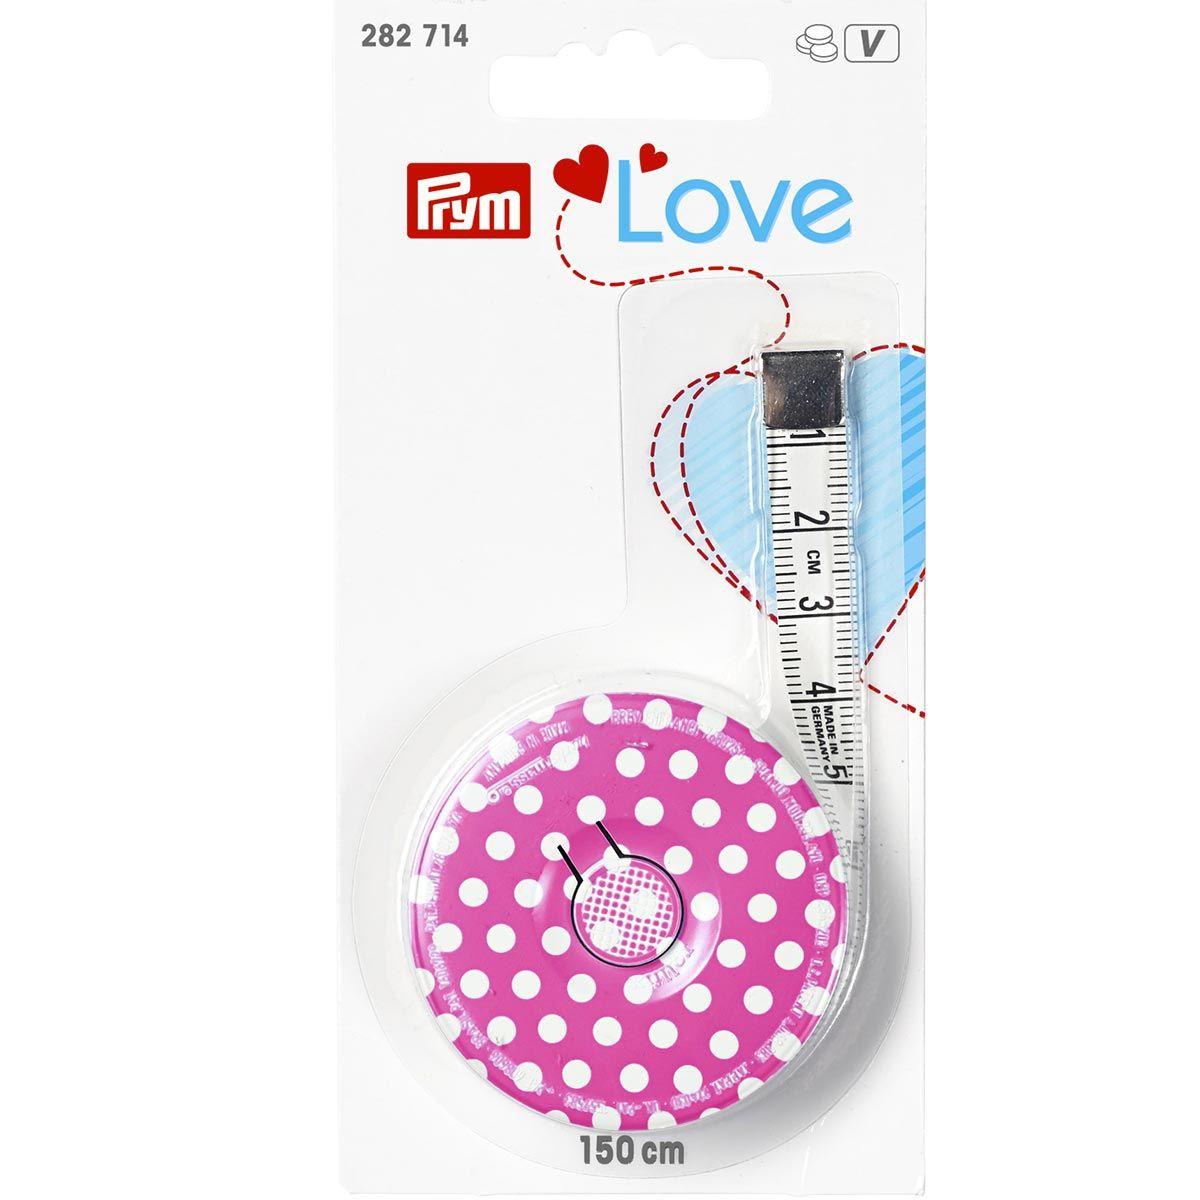 Mètre enrouleur 150 cm Prym Love